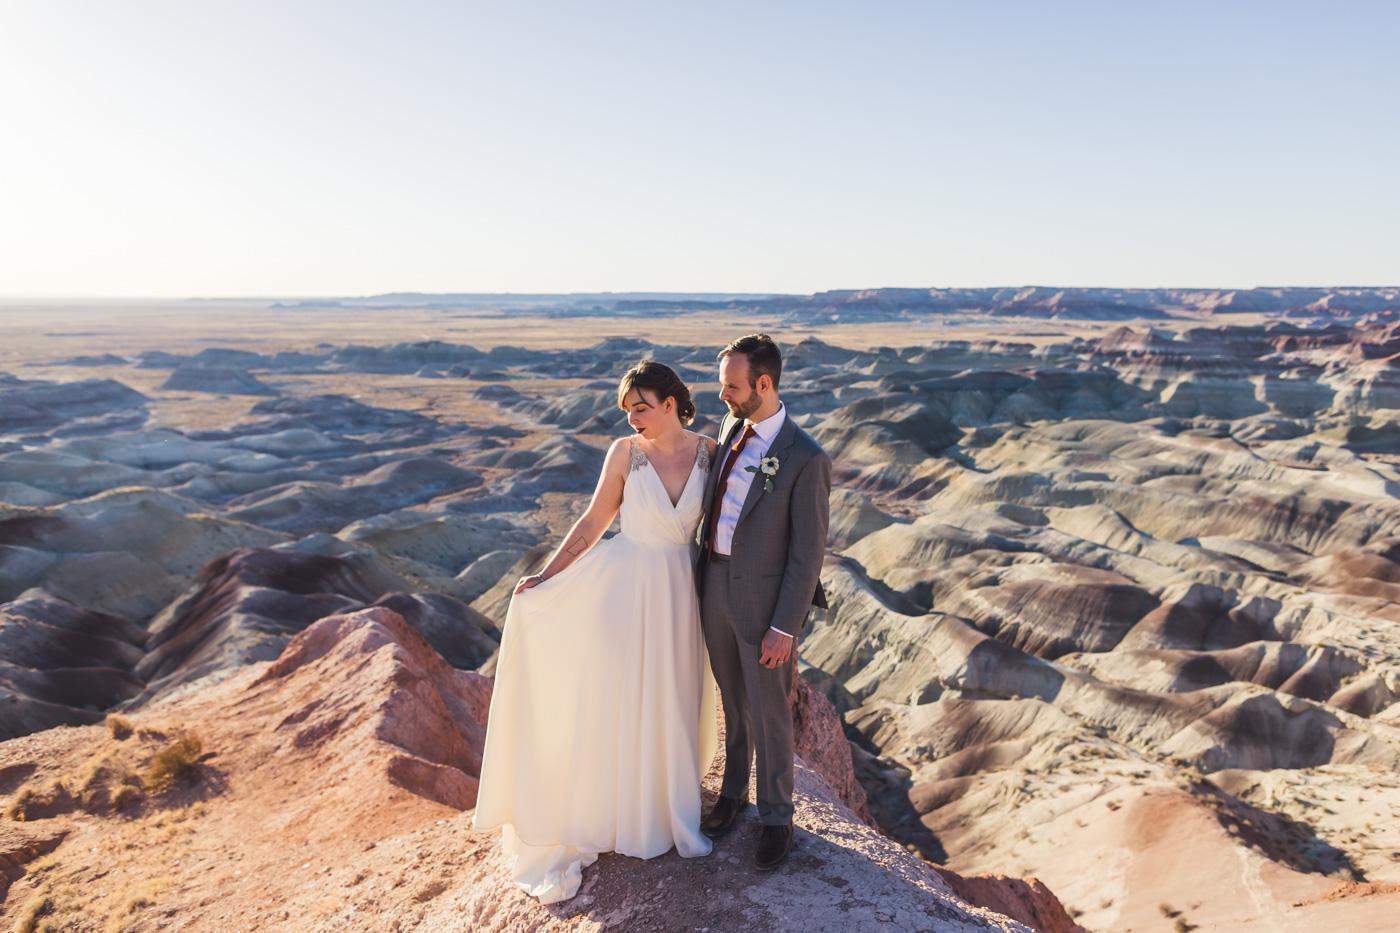 little-painted-desert-elopement